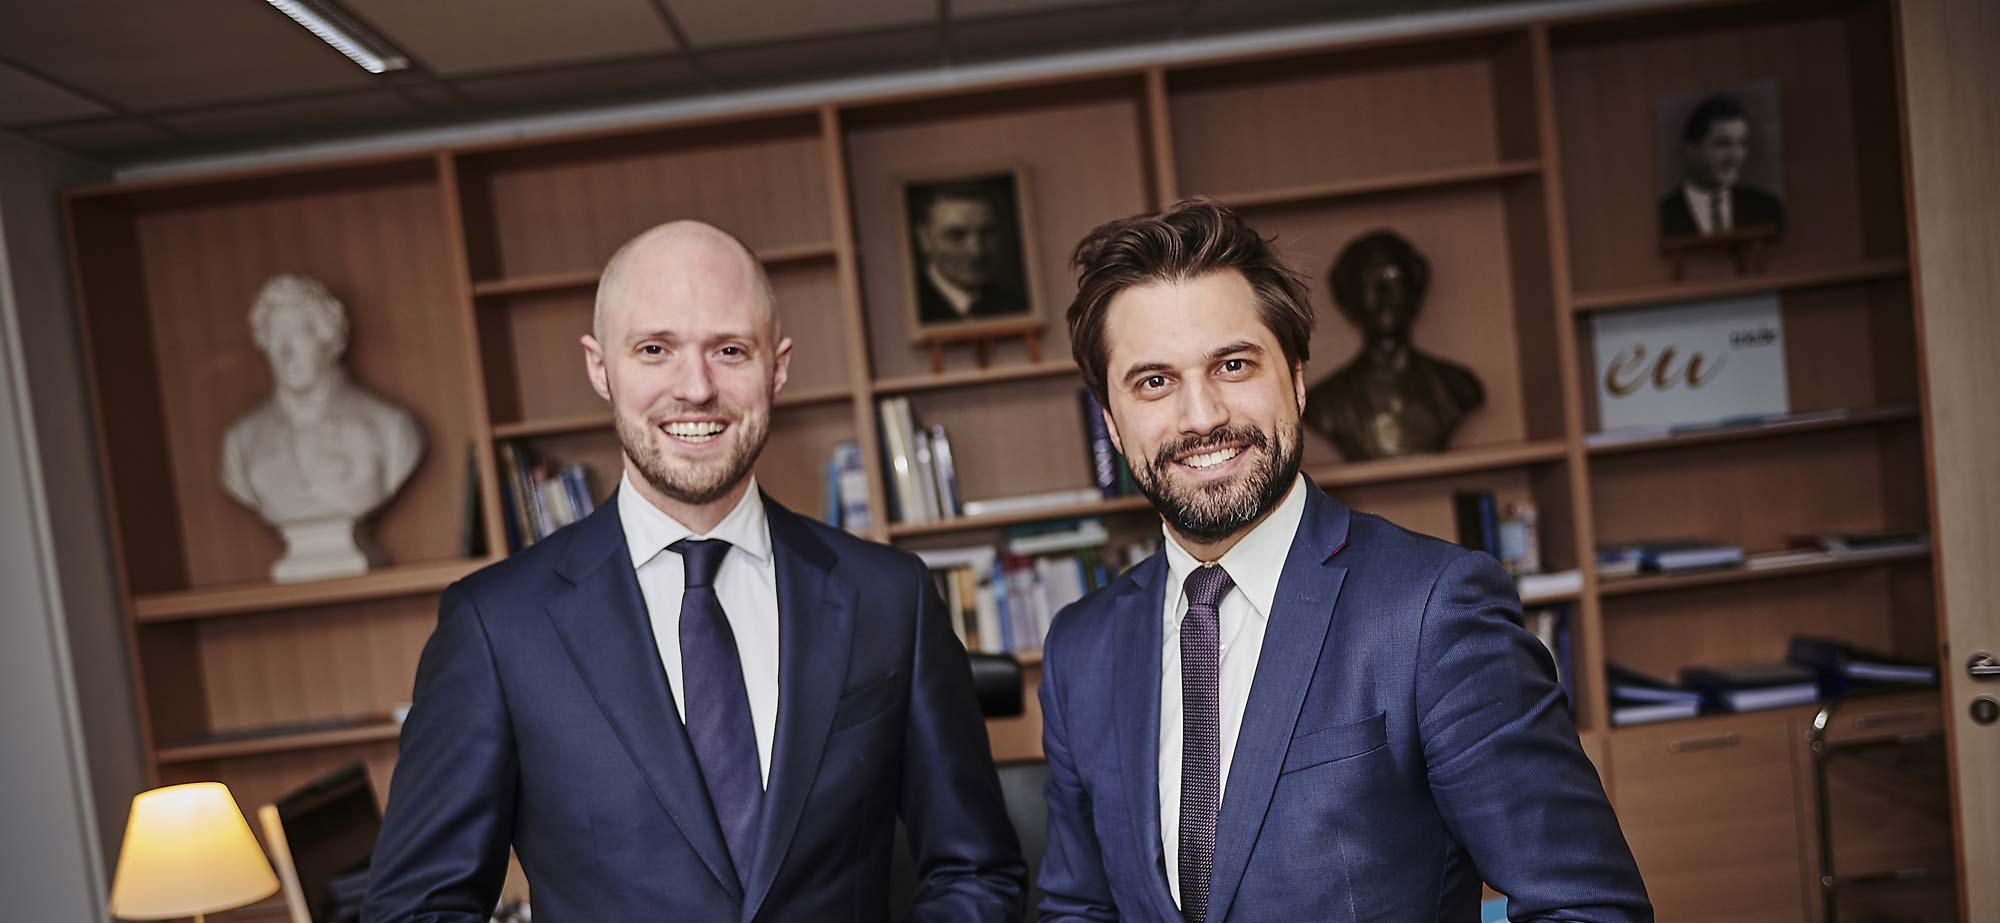 David Leisterh nouveau Président du MR bruxellois